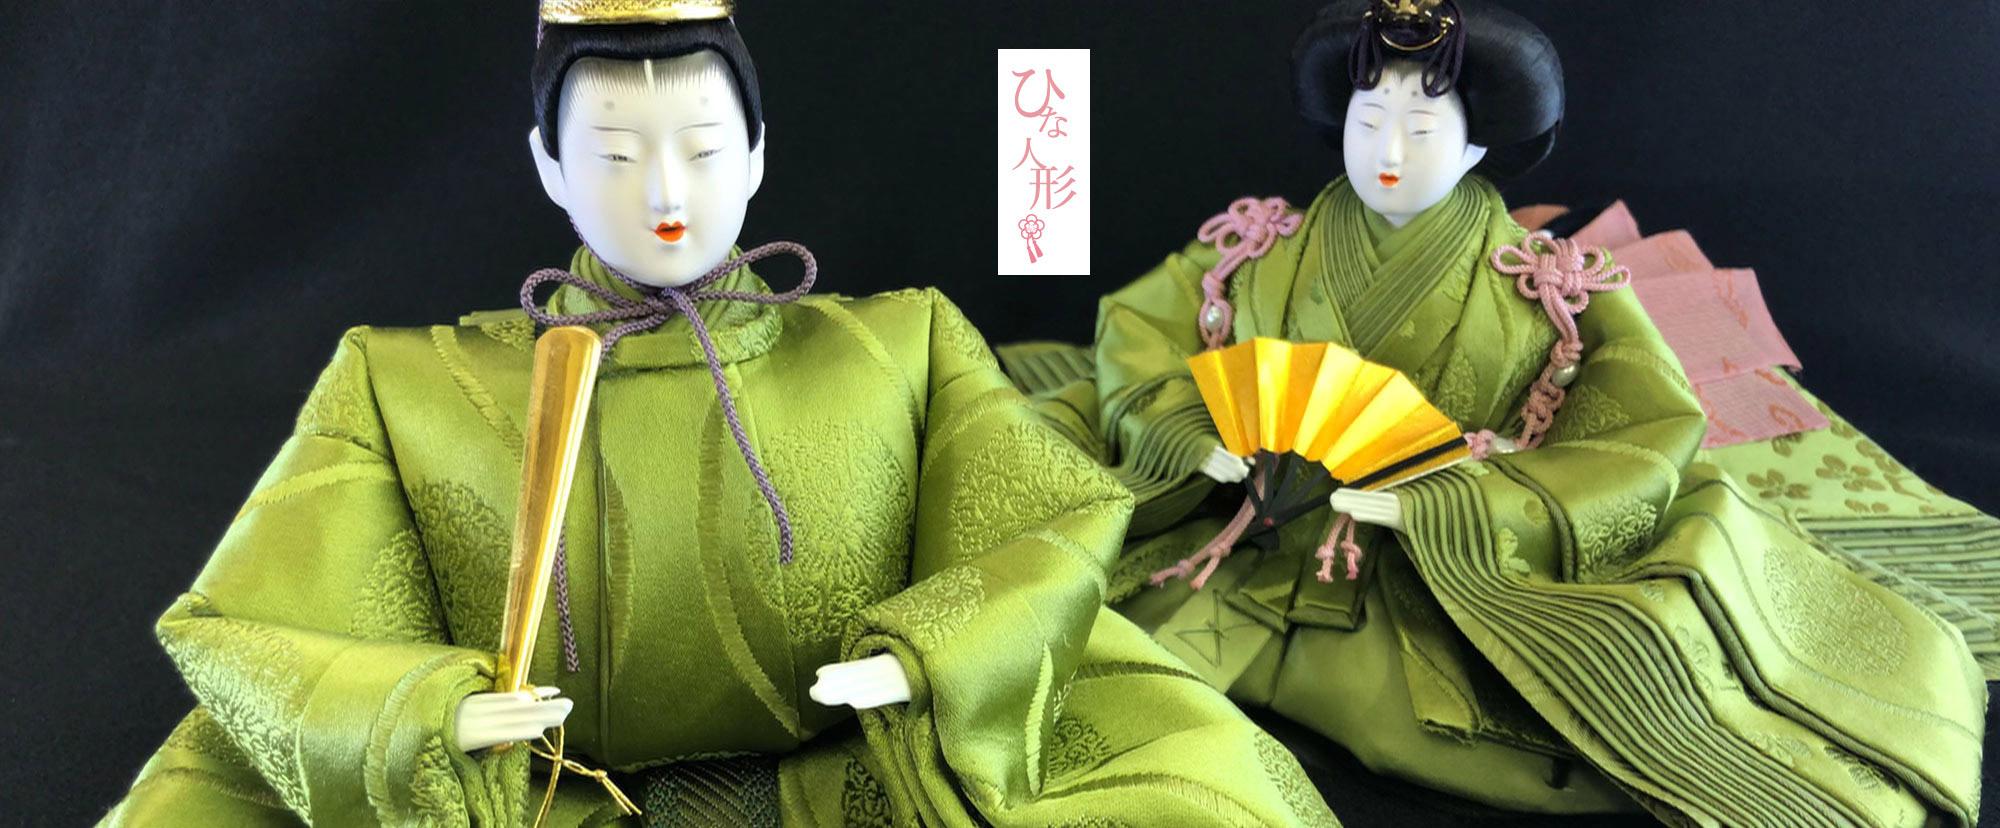 人形のキャッツアイ 高知県高知市高須3-28-37 088-861-2455